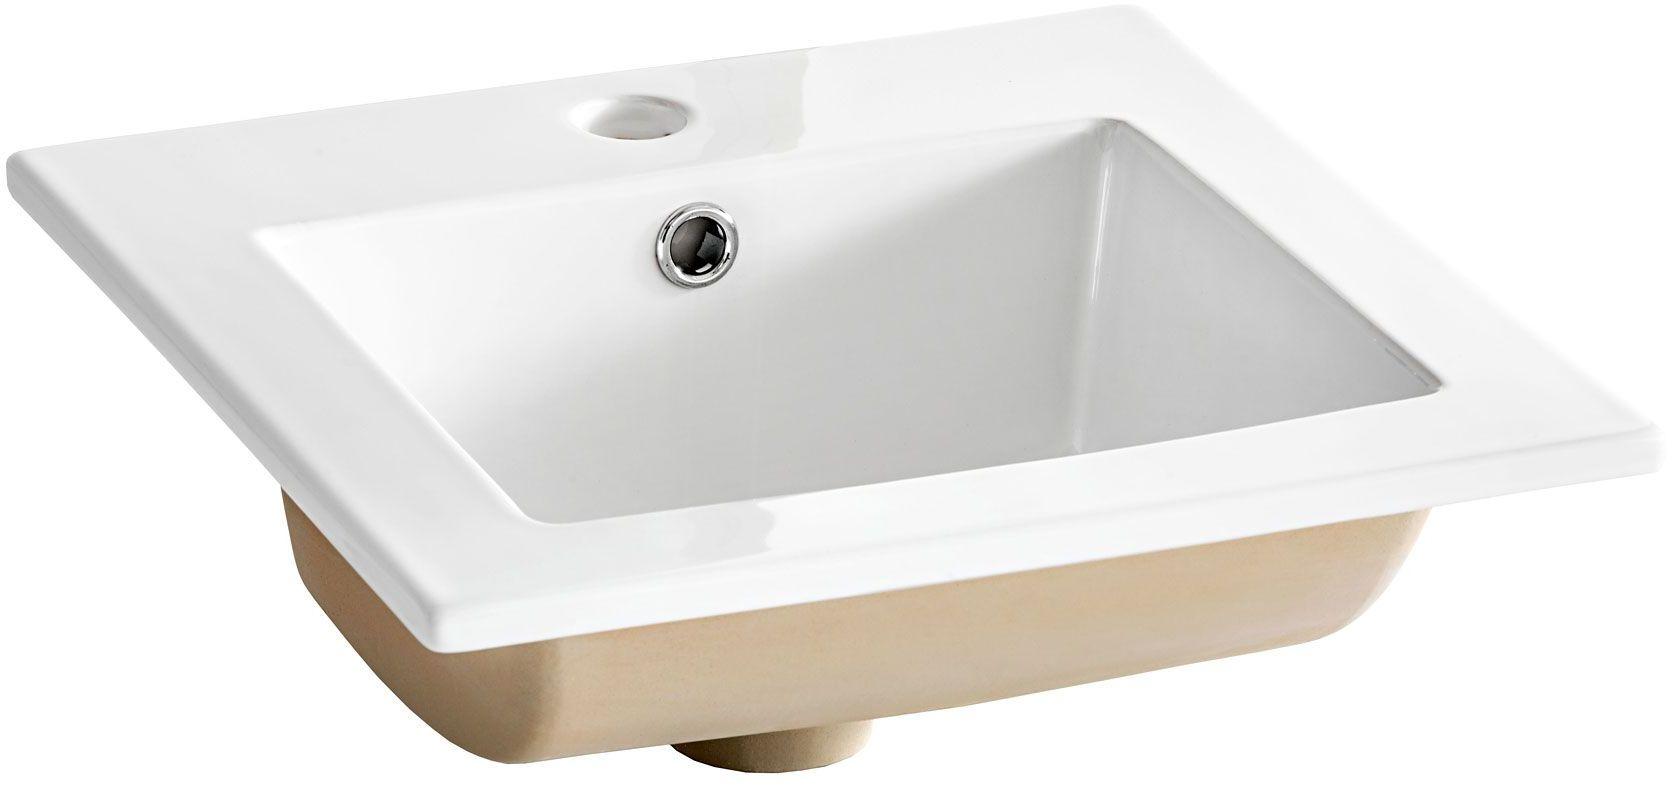 Kwadratowa umywalka meblowa Stella - Biała